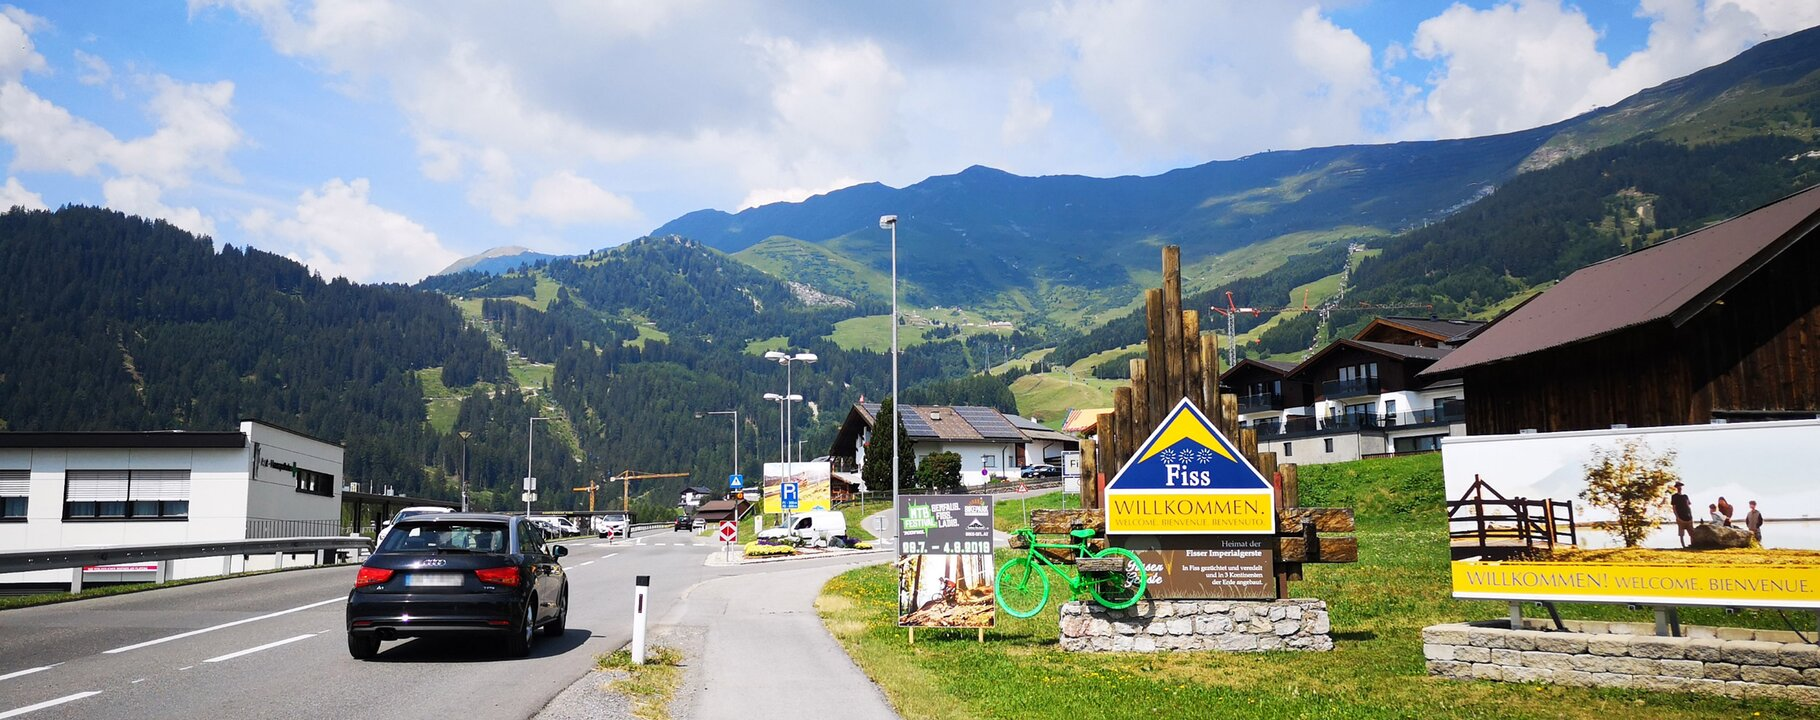 autobahn a95 aktuell